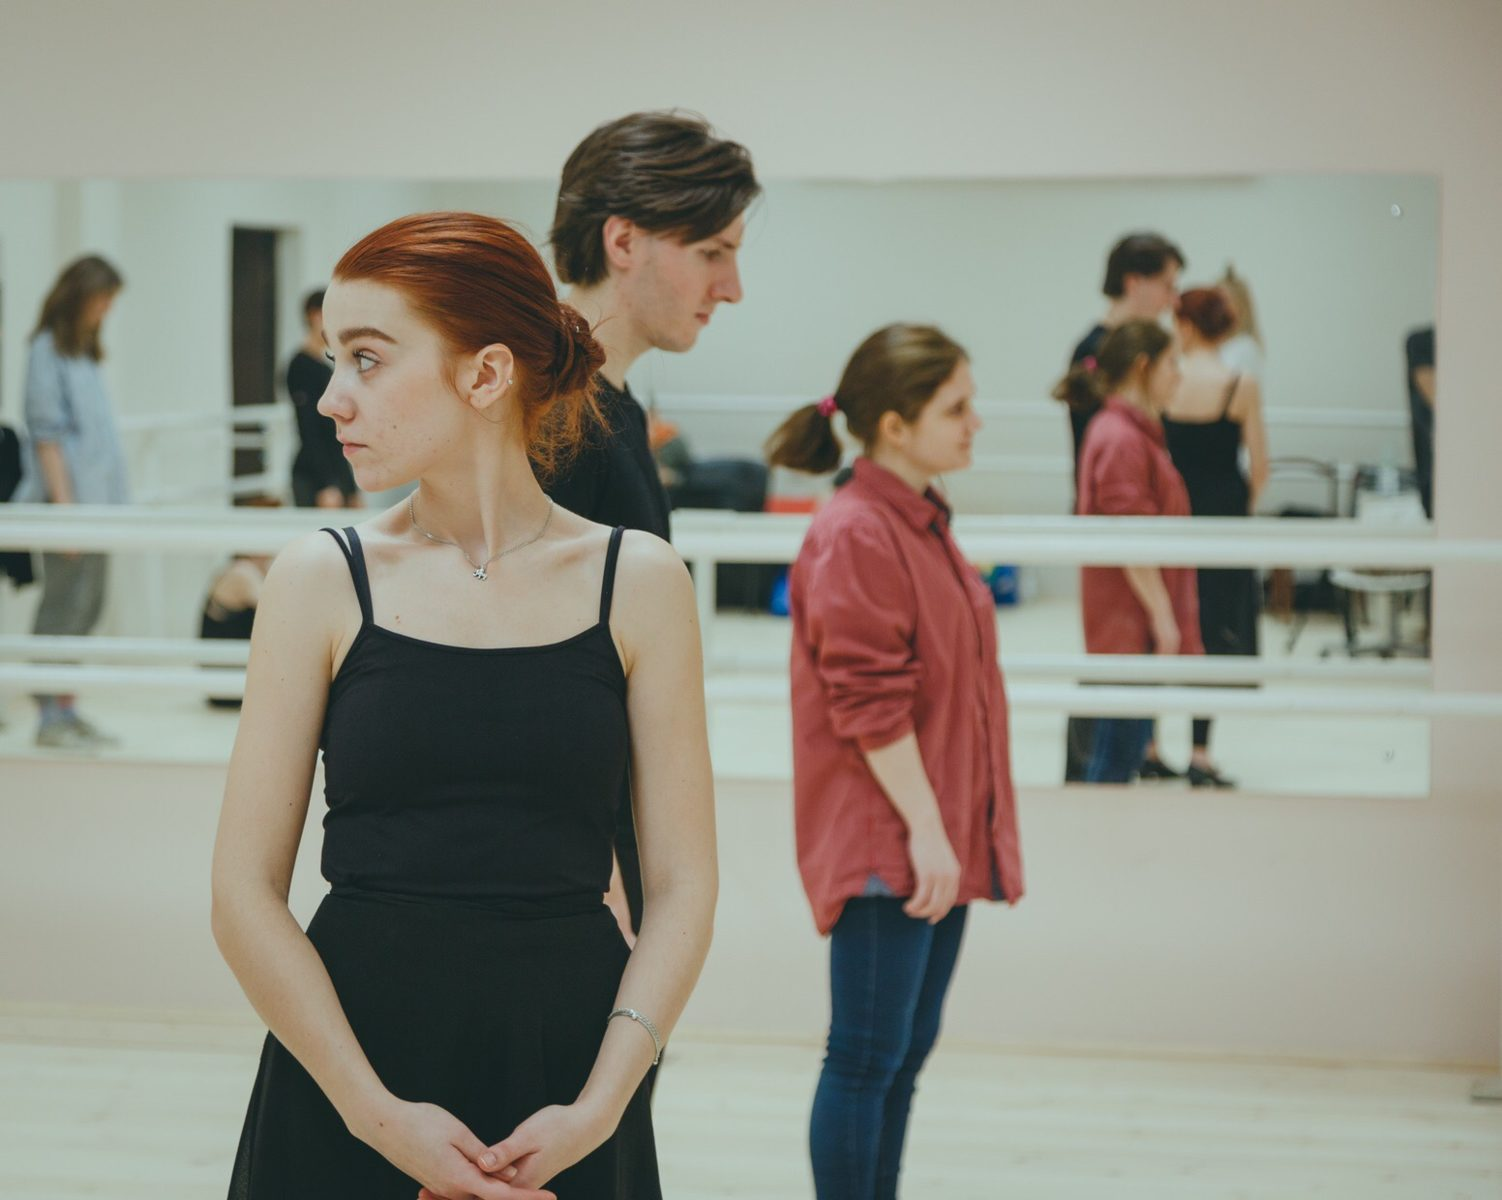 Мастер-класс «Актерское мастерство в массы» в КЦ «Братеево» – события на сайте «Московские Сезоны»